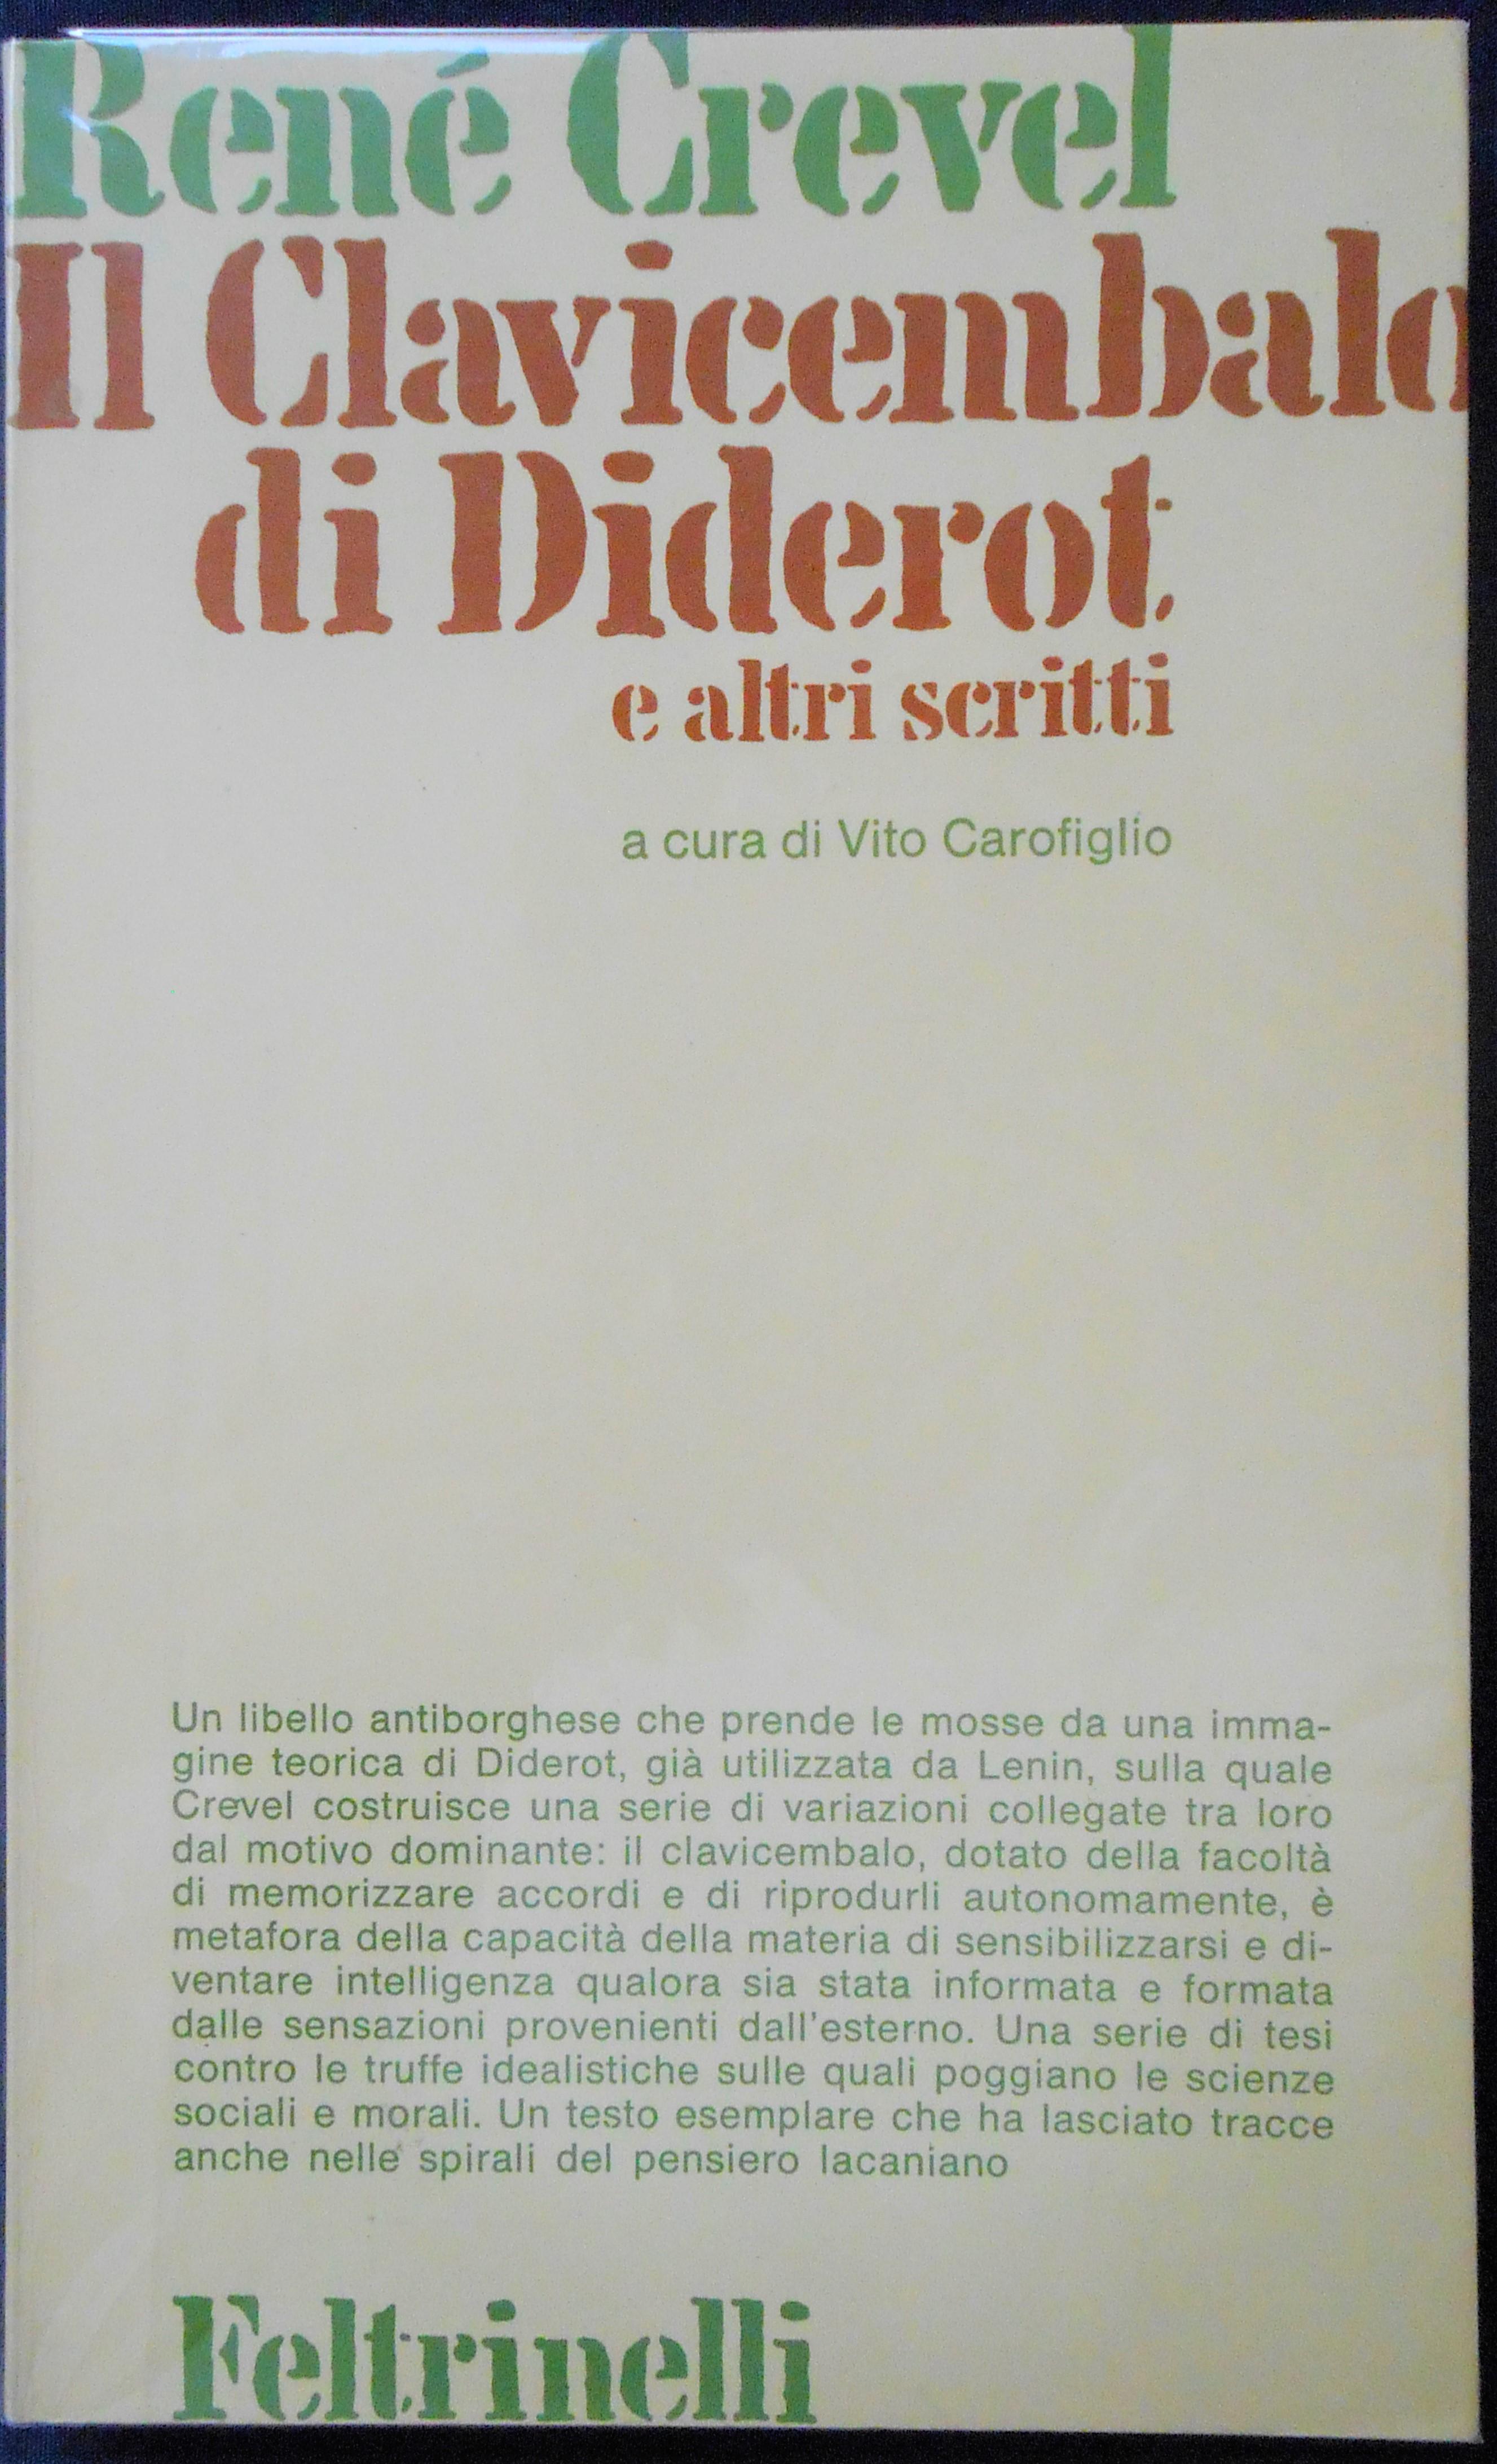 Il clavicembalo di Diderot e altri scritti